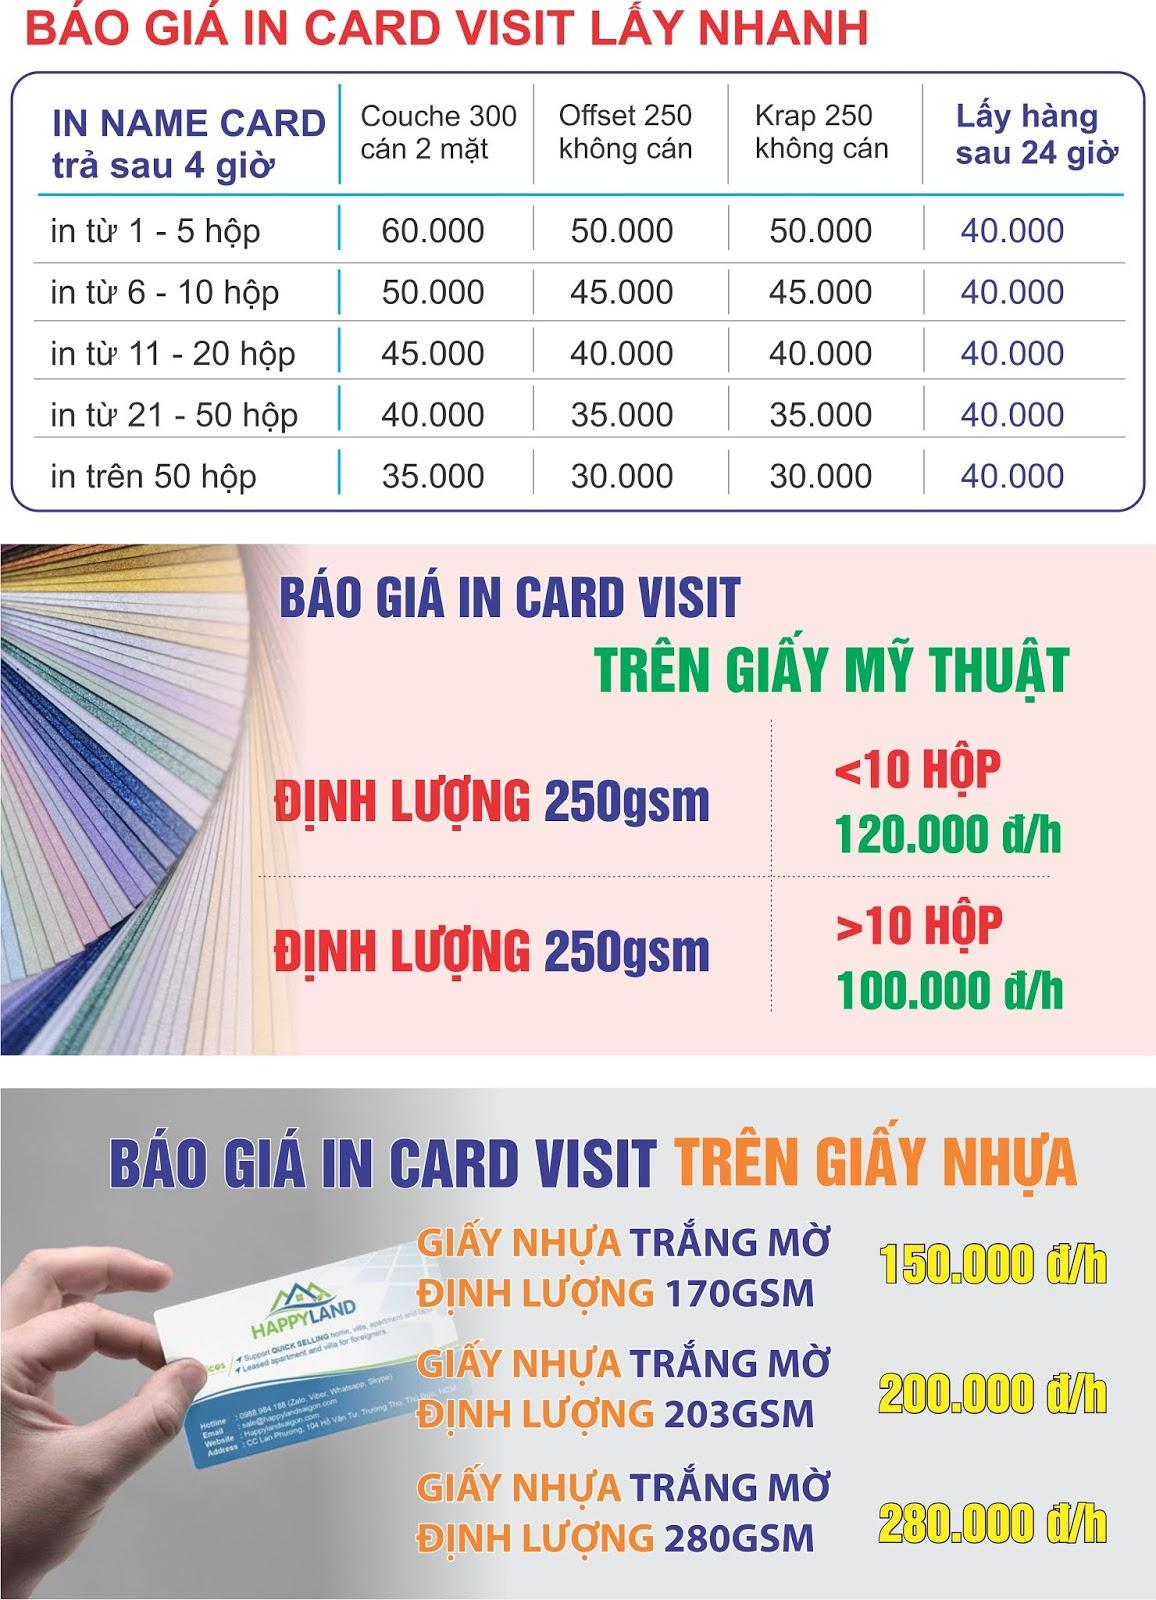 In card visit lấy nhanh